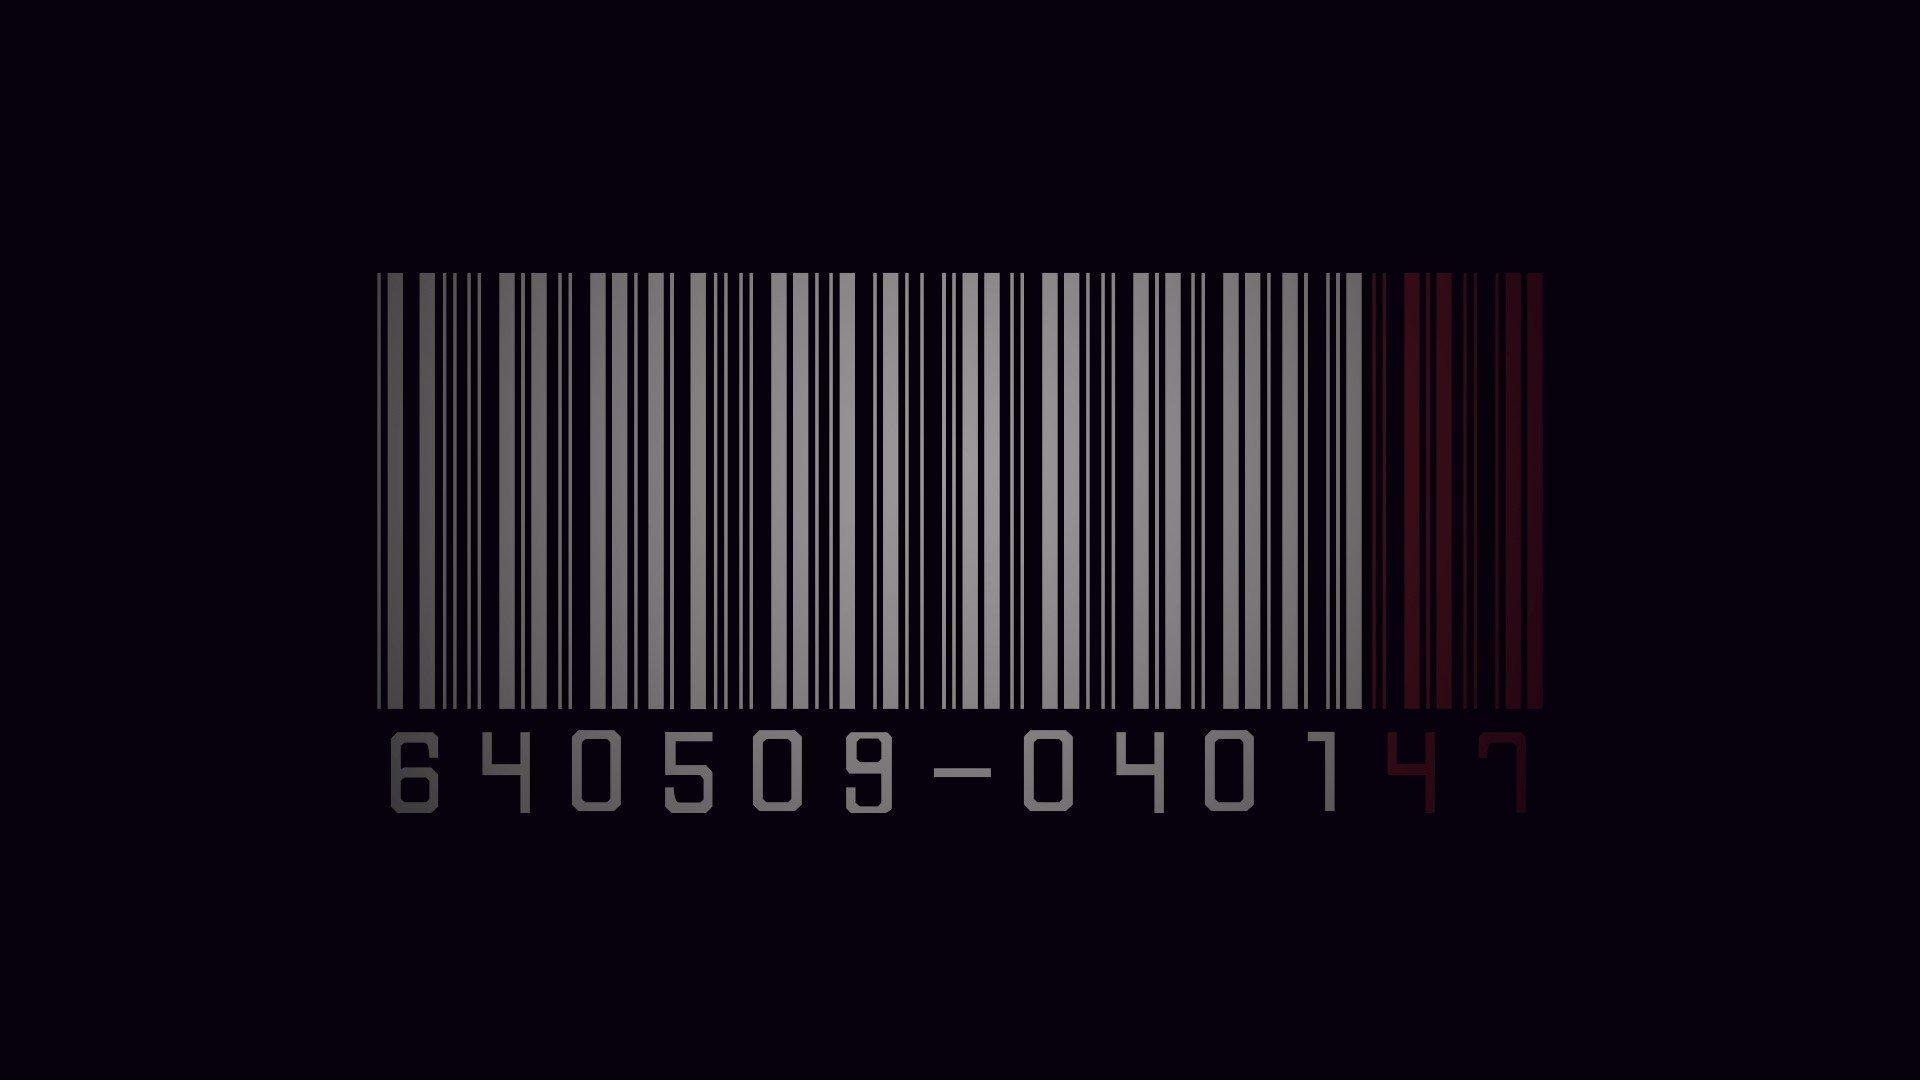 Video Game - Hitman  Wallpaper